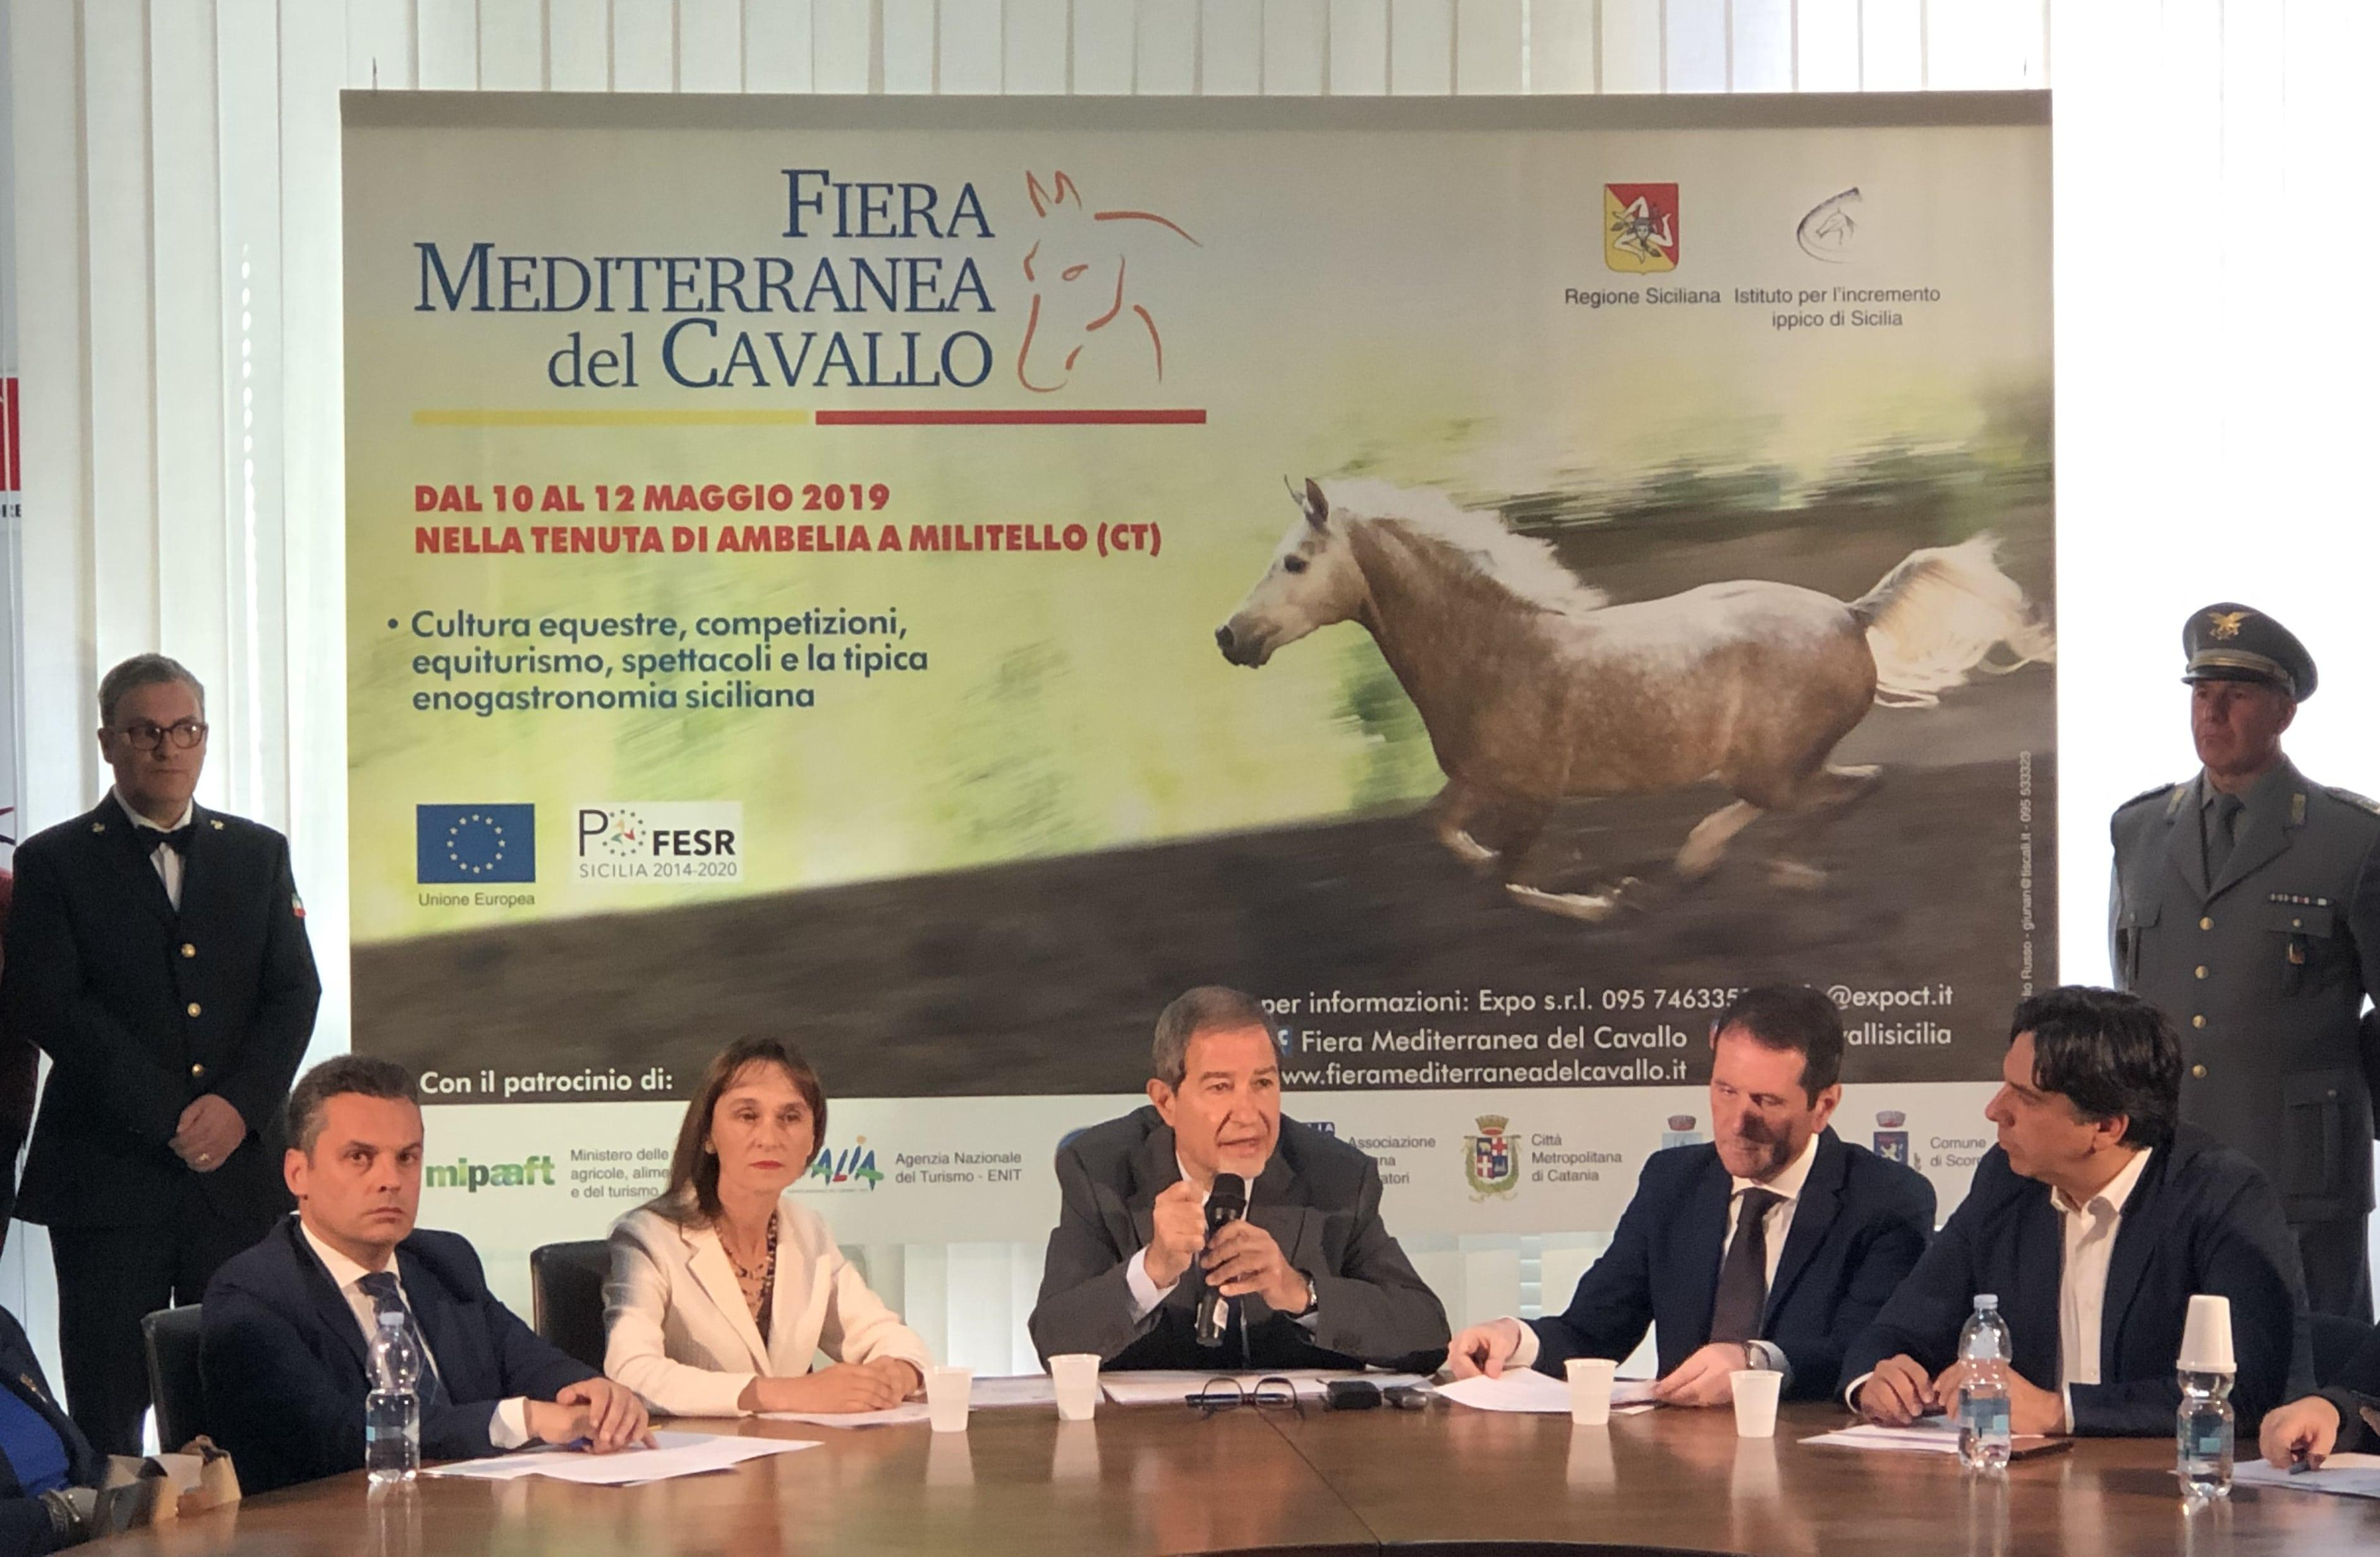 Tutto pronto per la Fiera Mediterranea del Cavallo, la più grande manifestazione equestre del Sud Italia